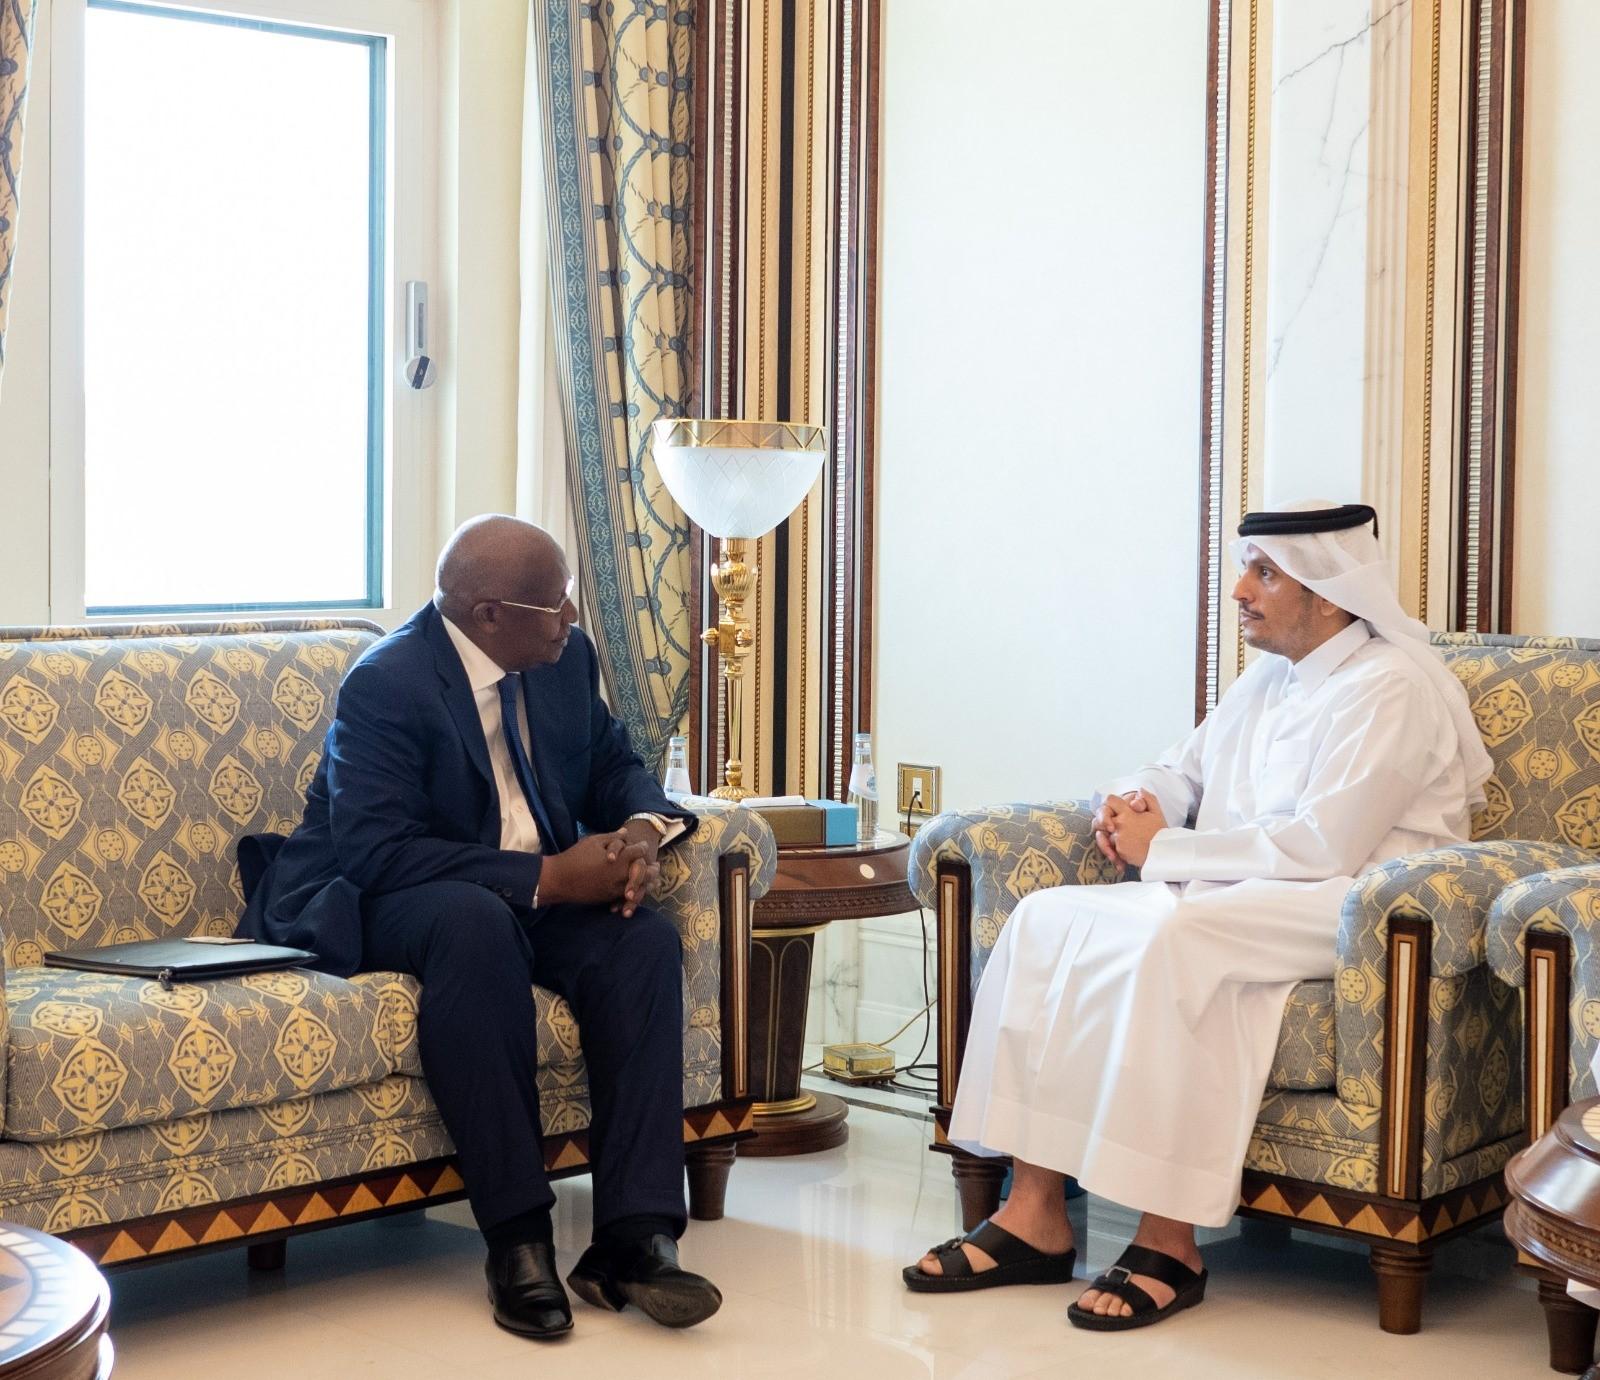 نائب رئيس مجلس الوزراء وزير الخارجية يجتمع مع وزير خارجية أوغندا